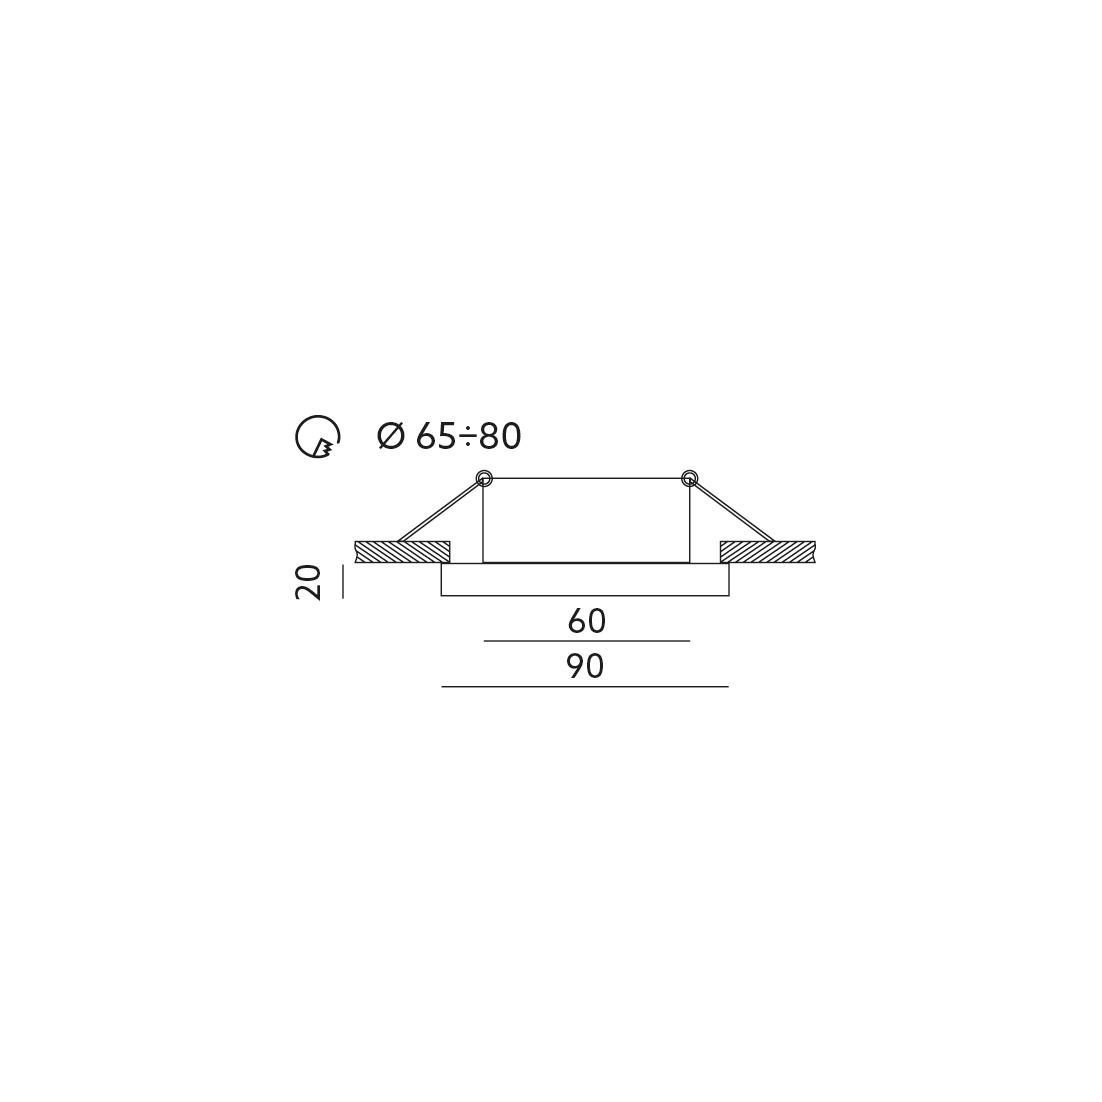 Pierścień ozdobny do opraw OH48 PRZEŹROCZYSTY - KPOH48CL